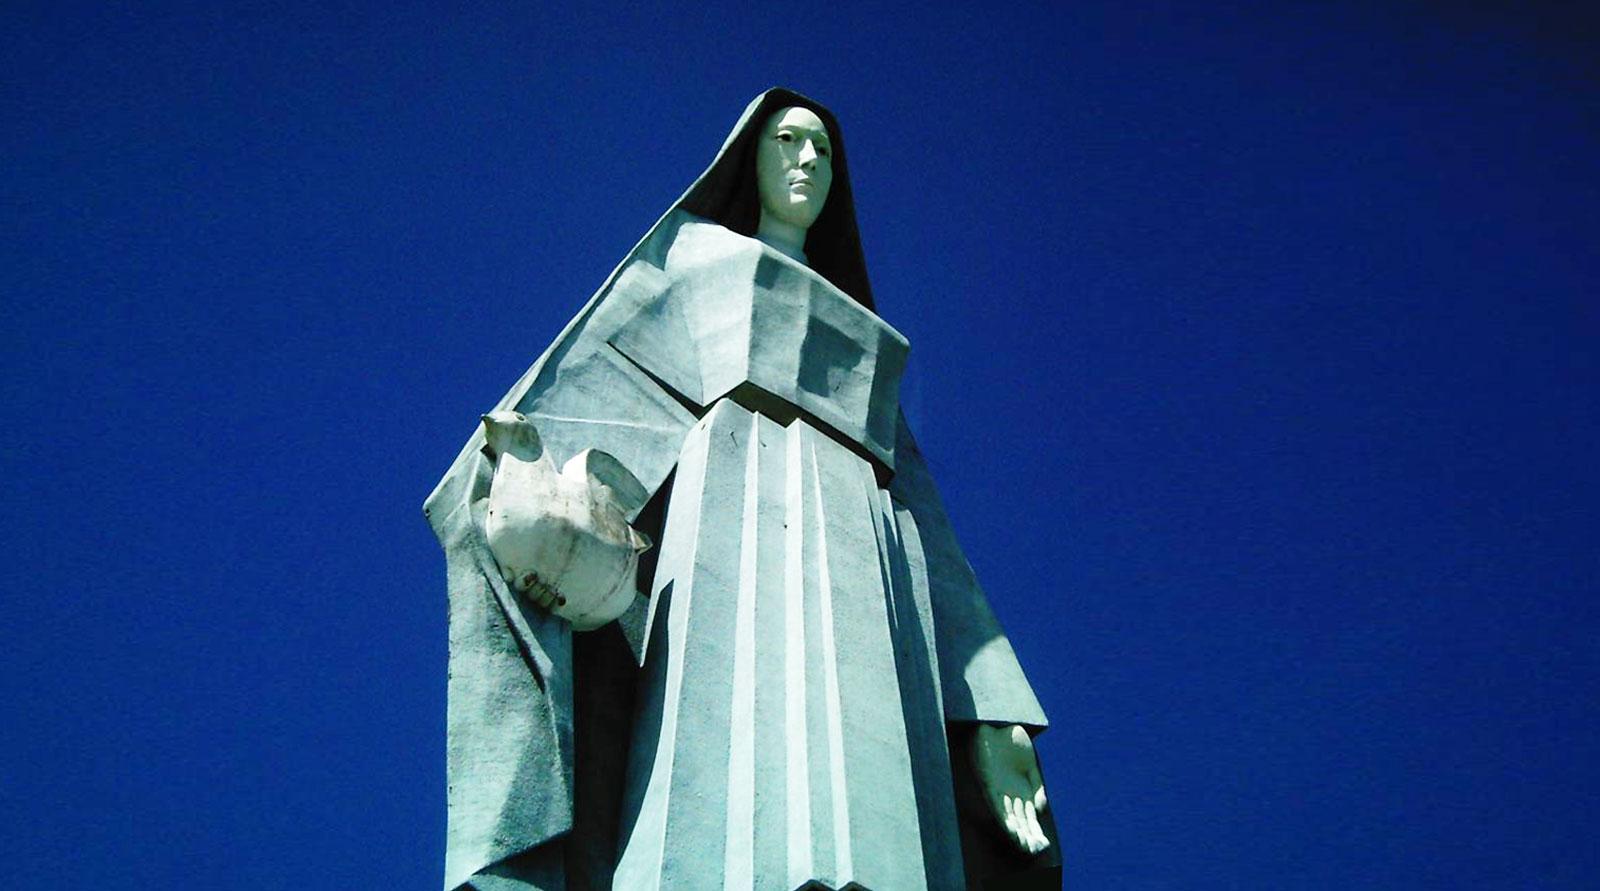 Monumento a Nuestra Señora de la Paz, el más grande de Latinoamérica.